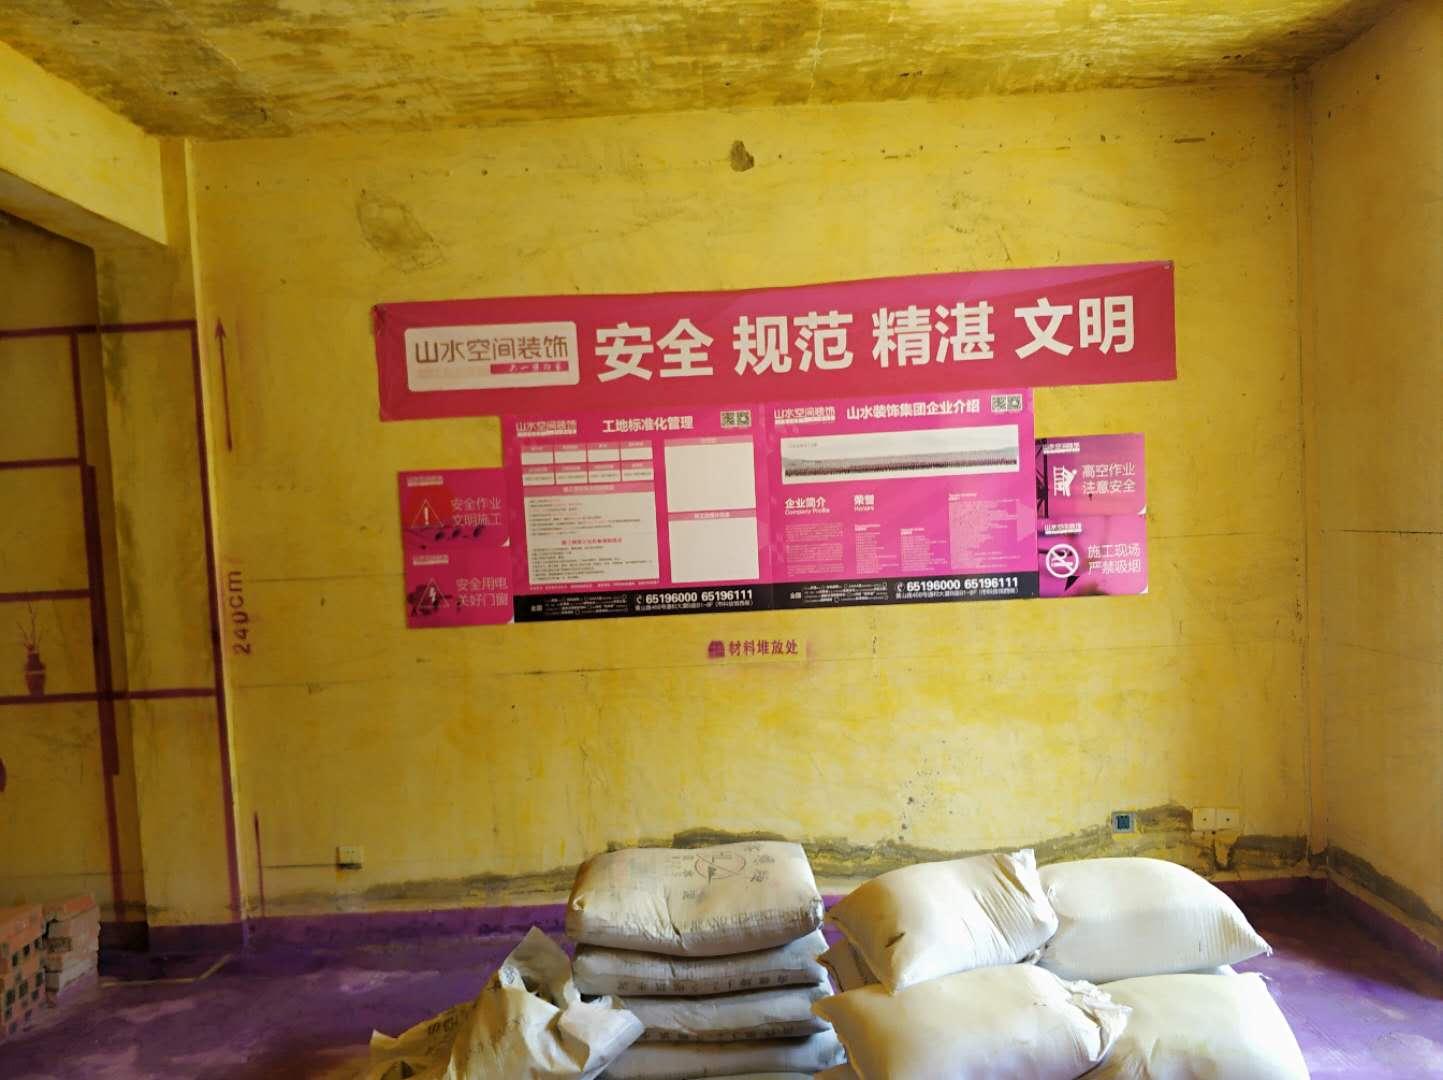 香江生态丽景-黄墙绿地/全景放样